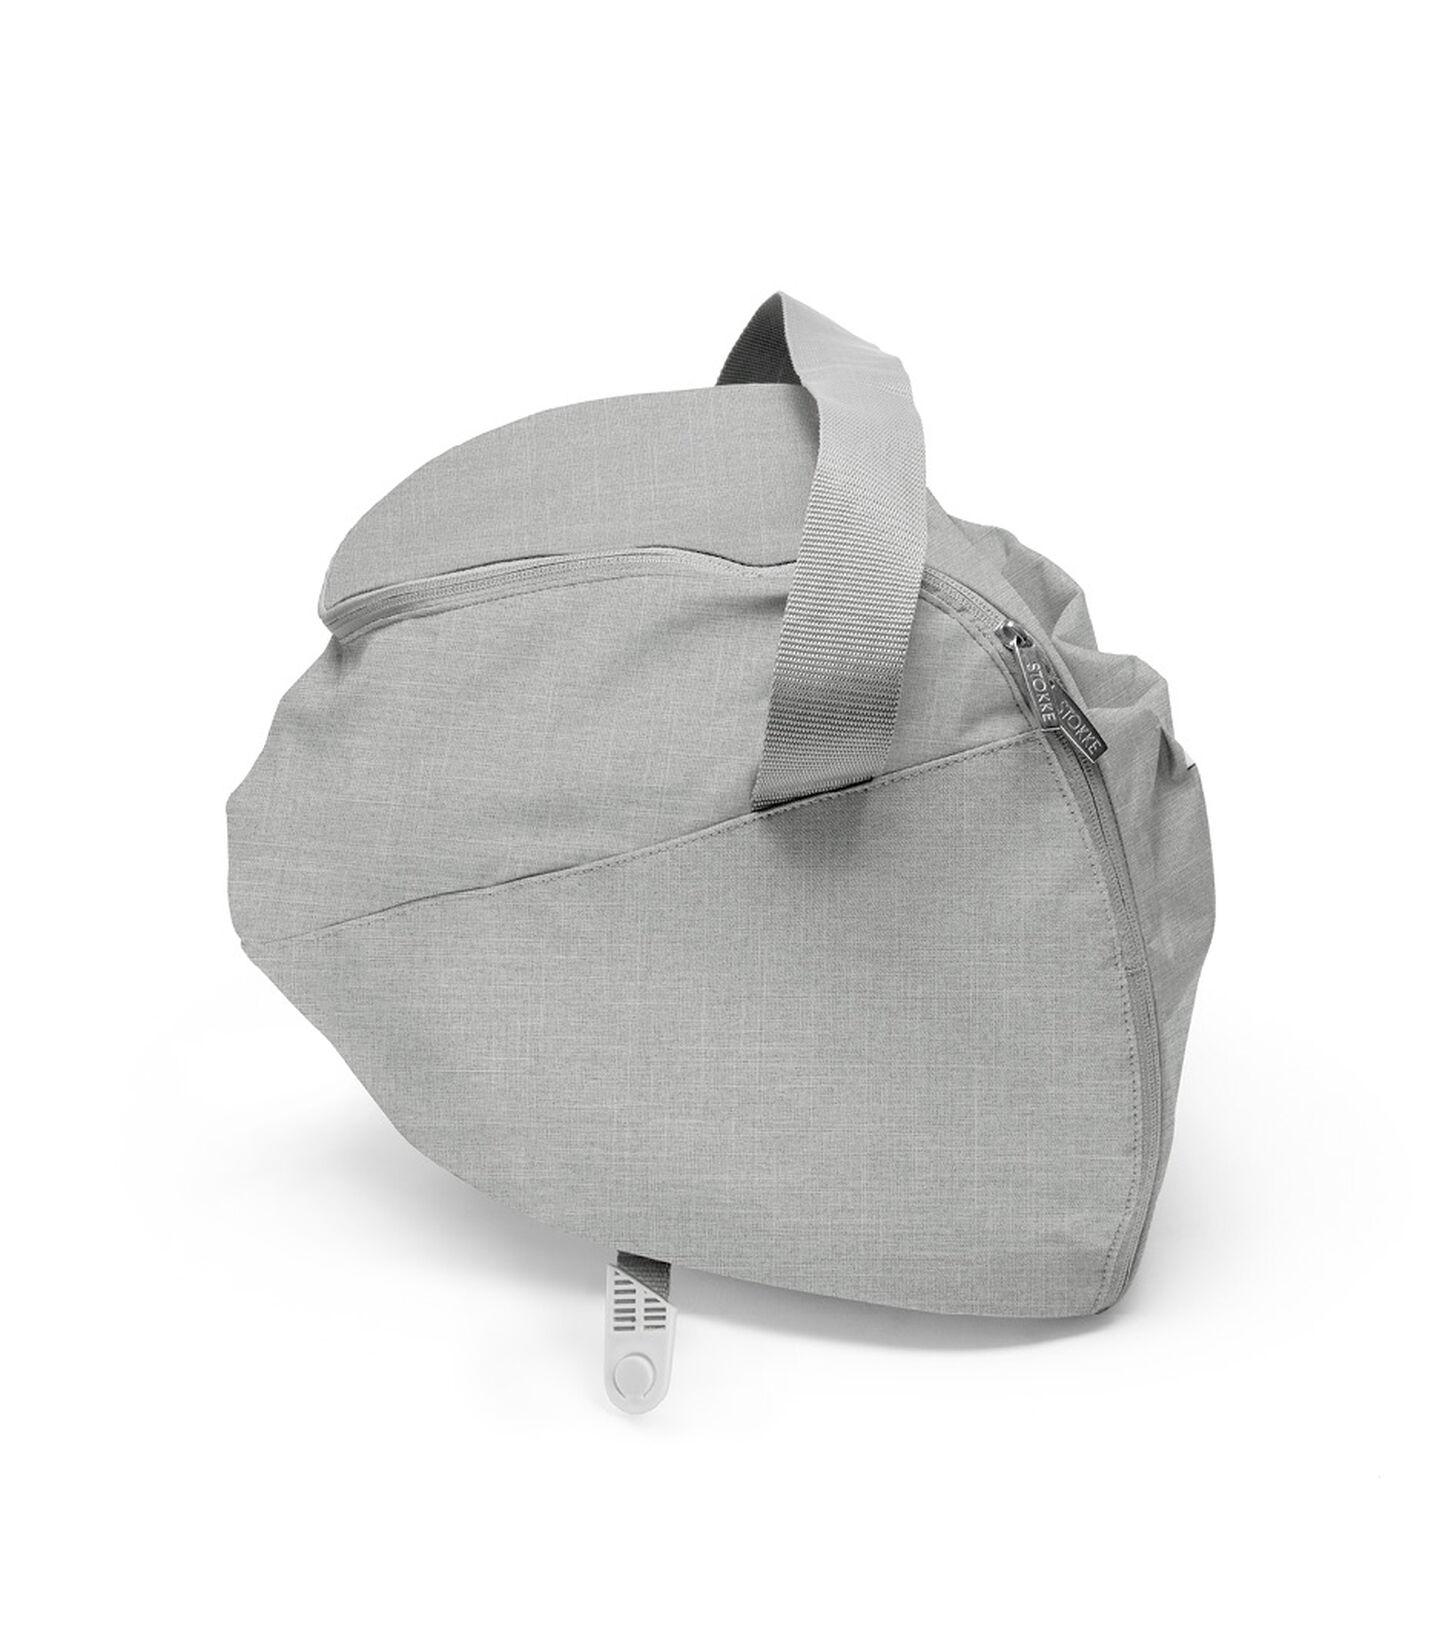 Stokke® Xplory® Shopping Bag Grey Mel, Grey Melange, mainview